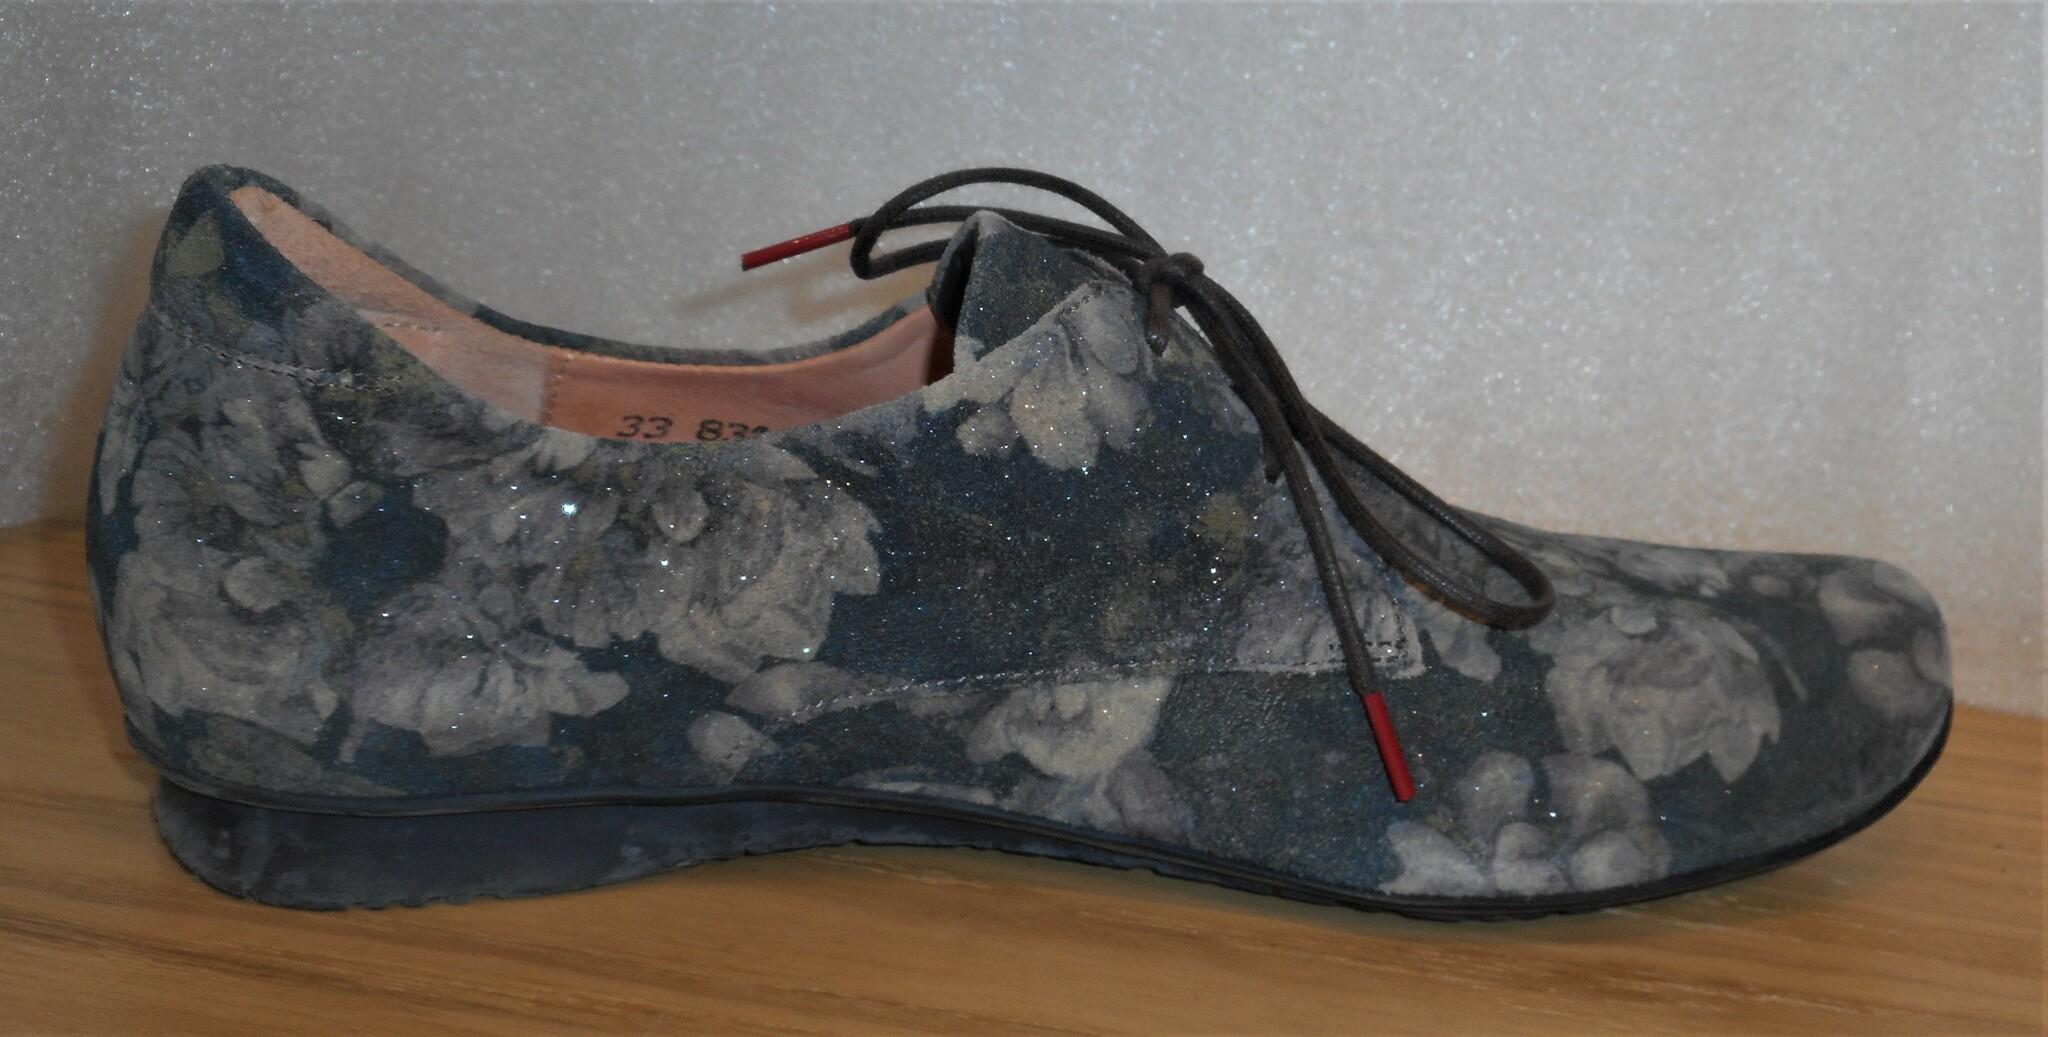 Grön/blommig snörsko från Österrikiska fabrikatet Think!